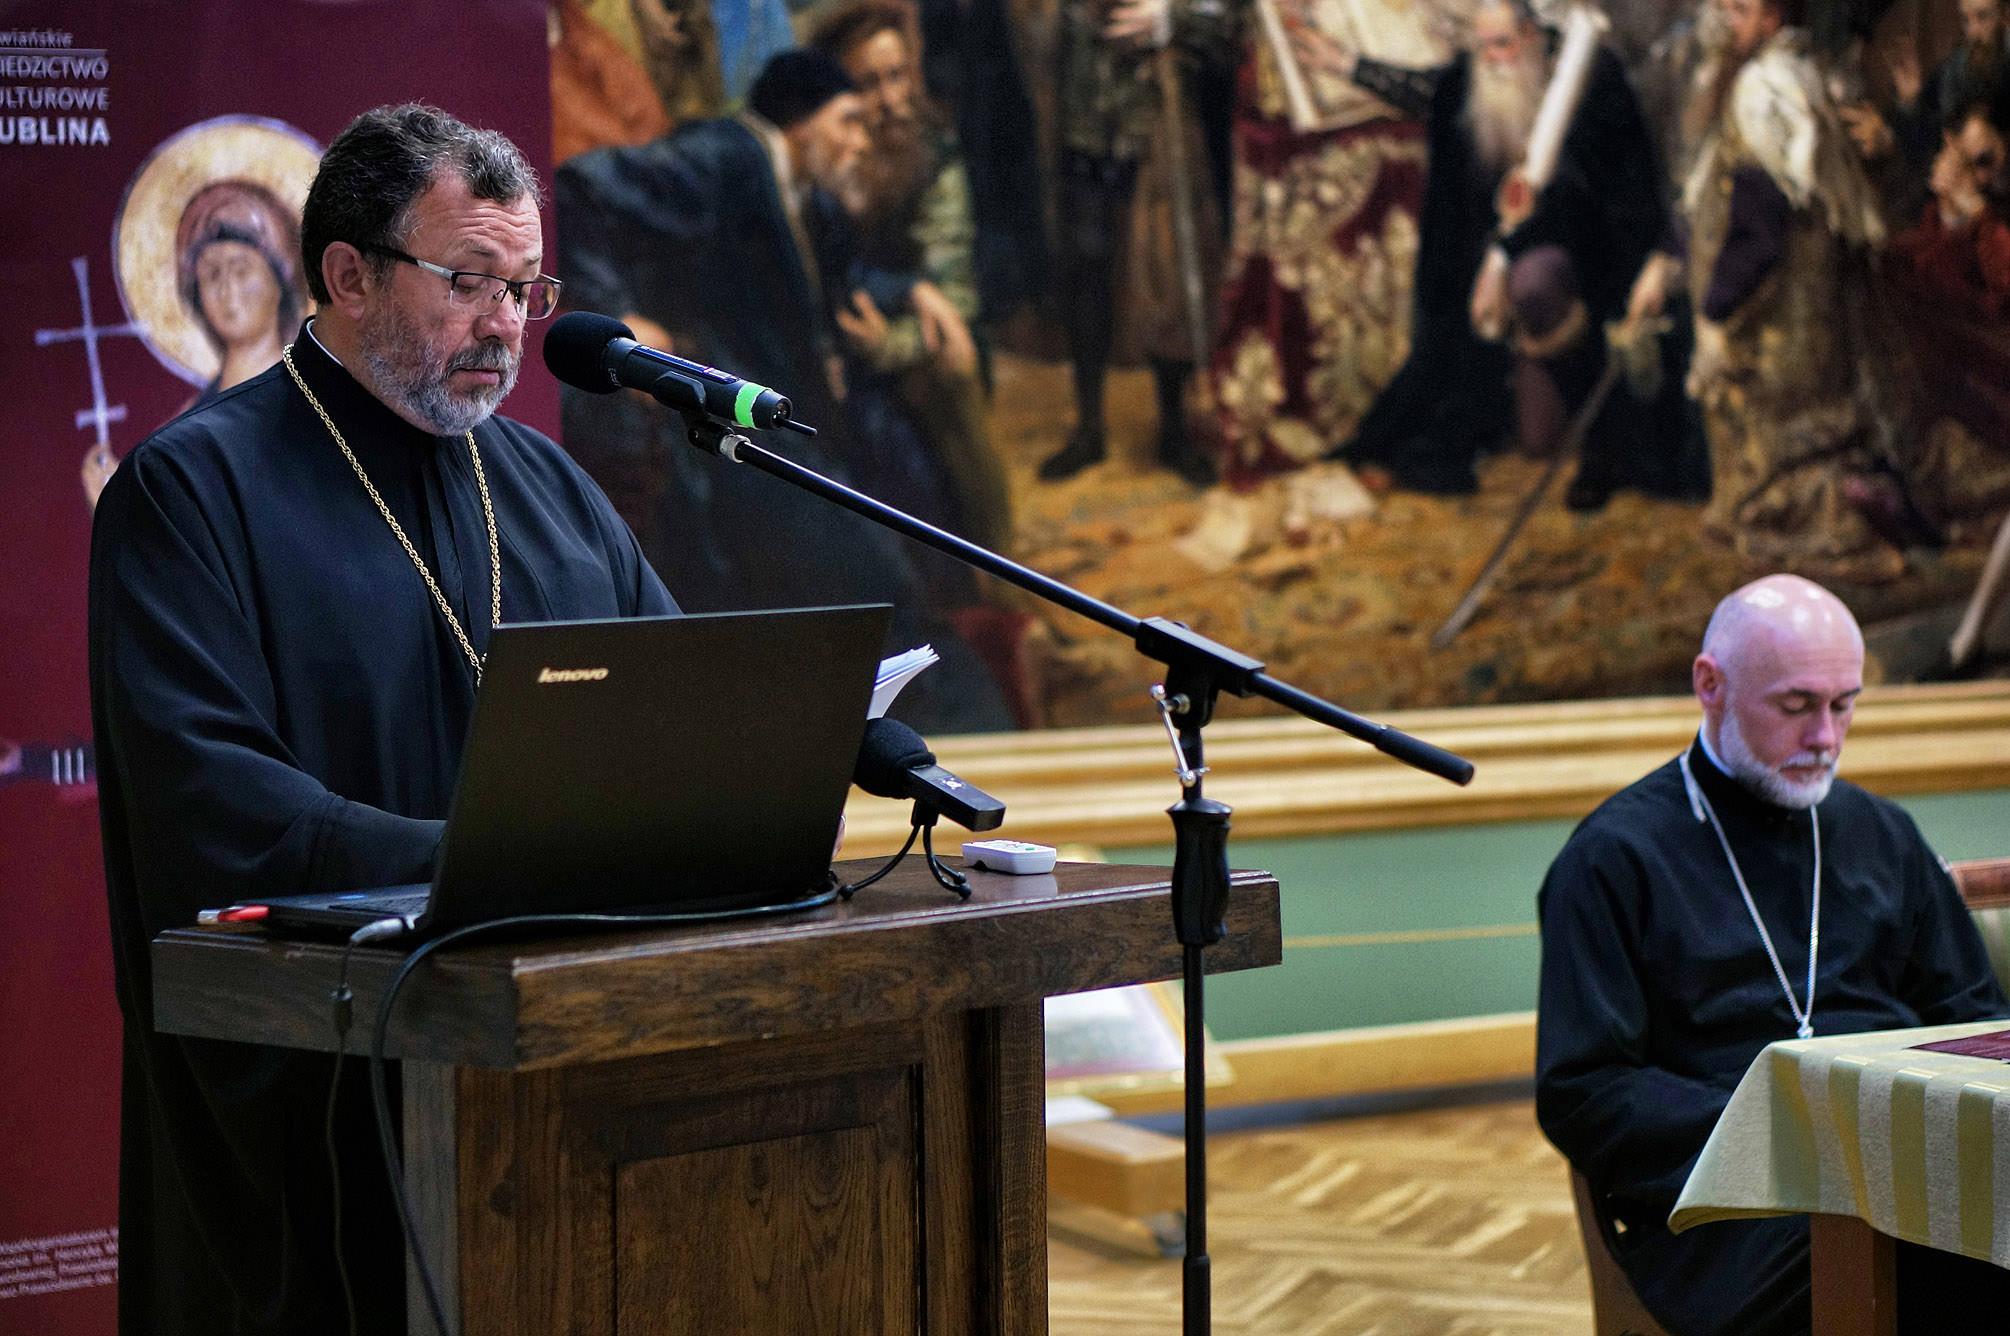 Wykład głosi ks. dr Anatol Szymaniuk